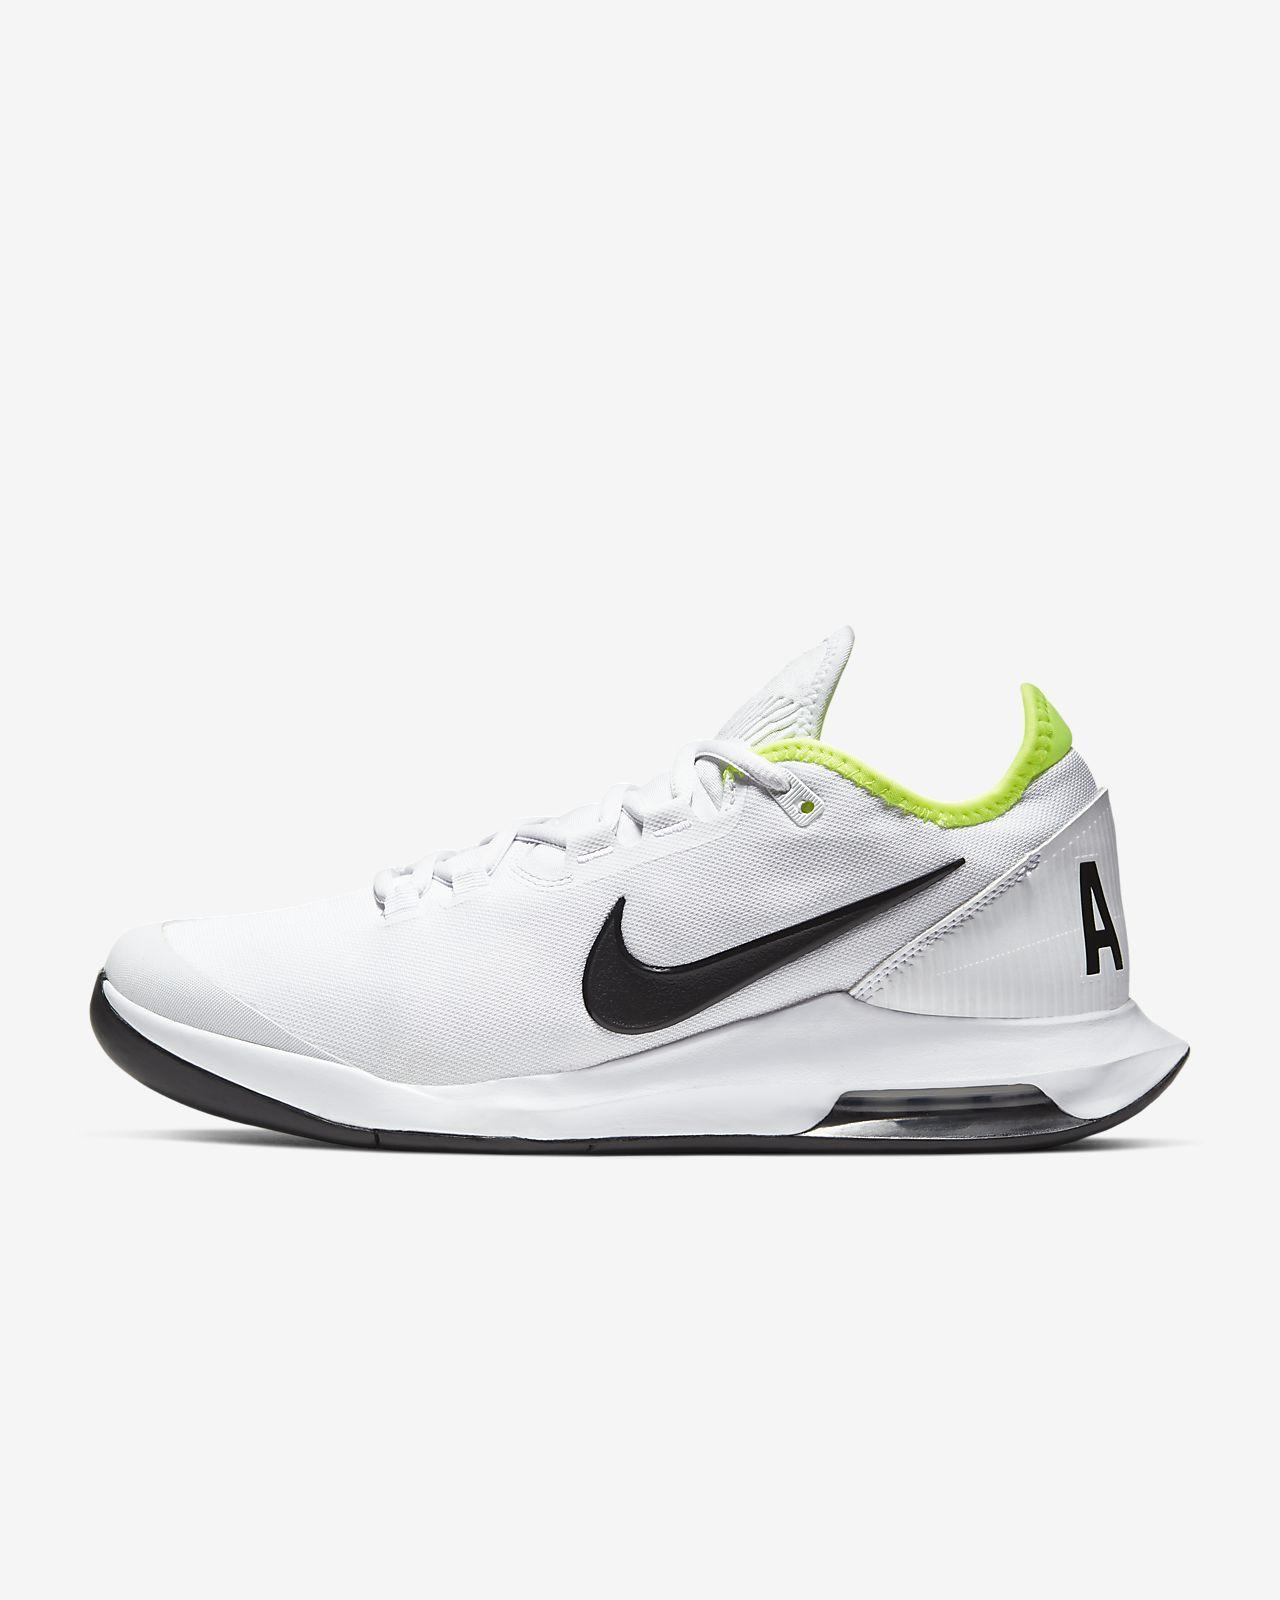 NikeCourt Air Max Wildcard 男款網球鞋